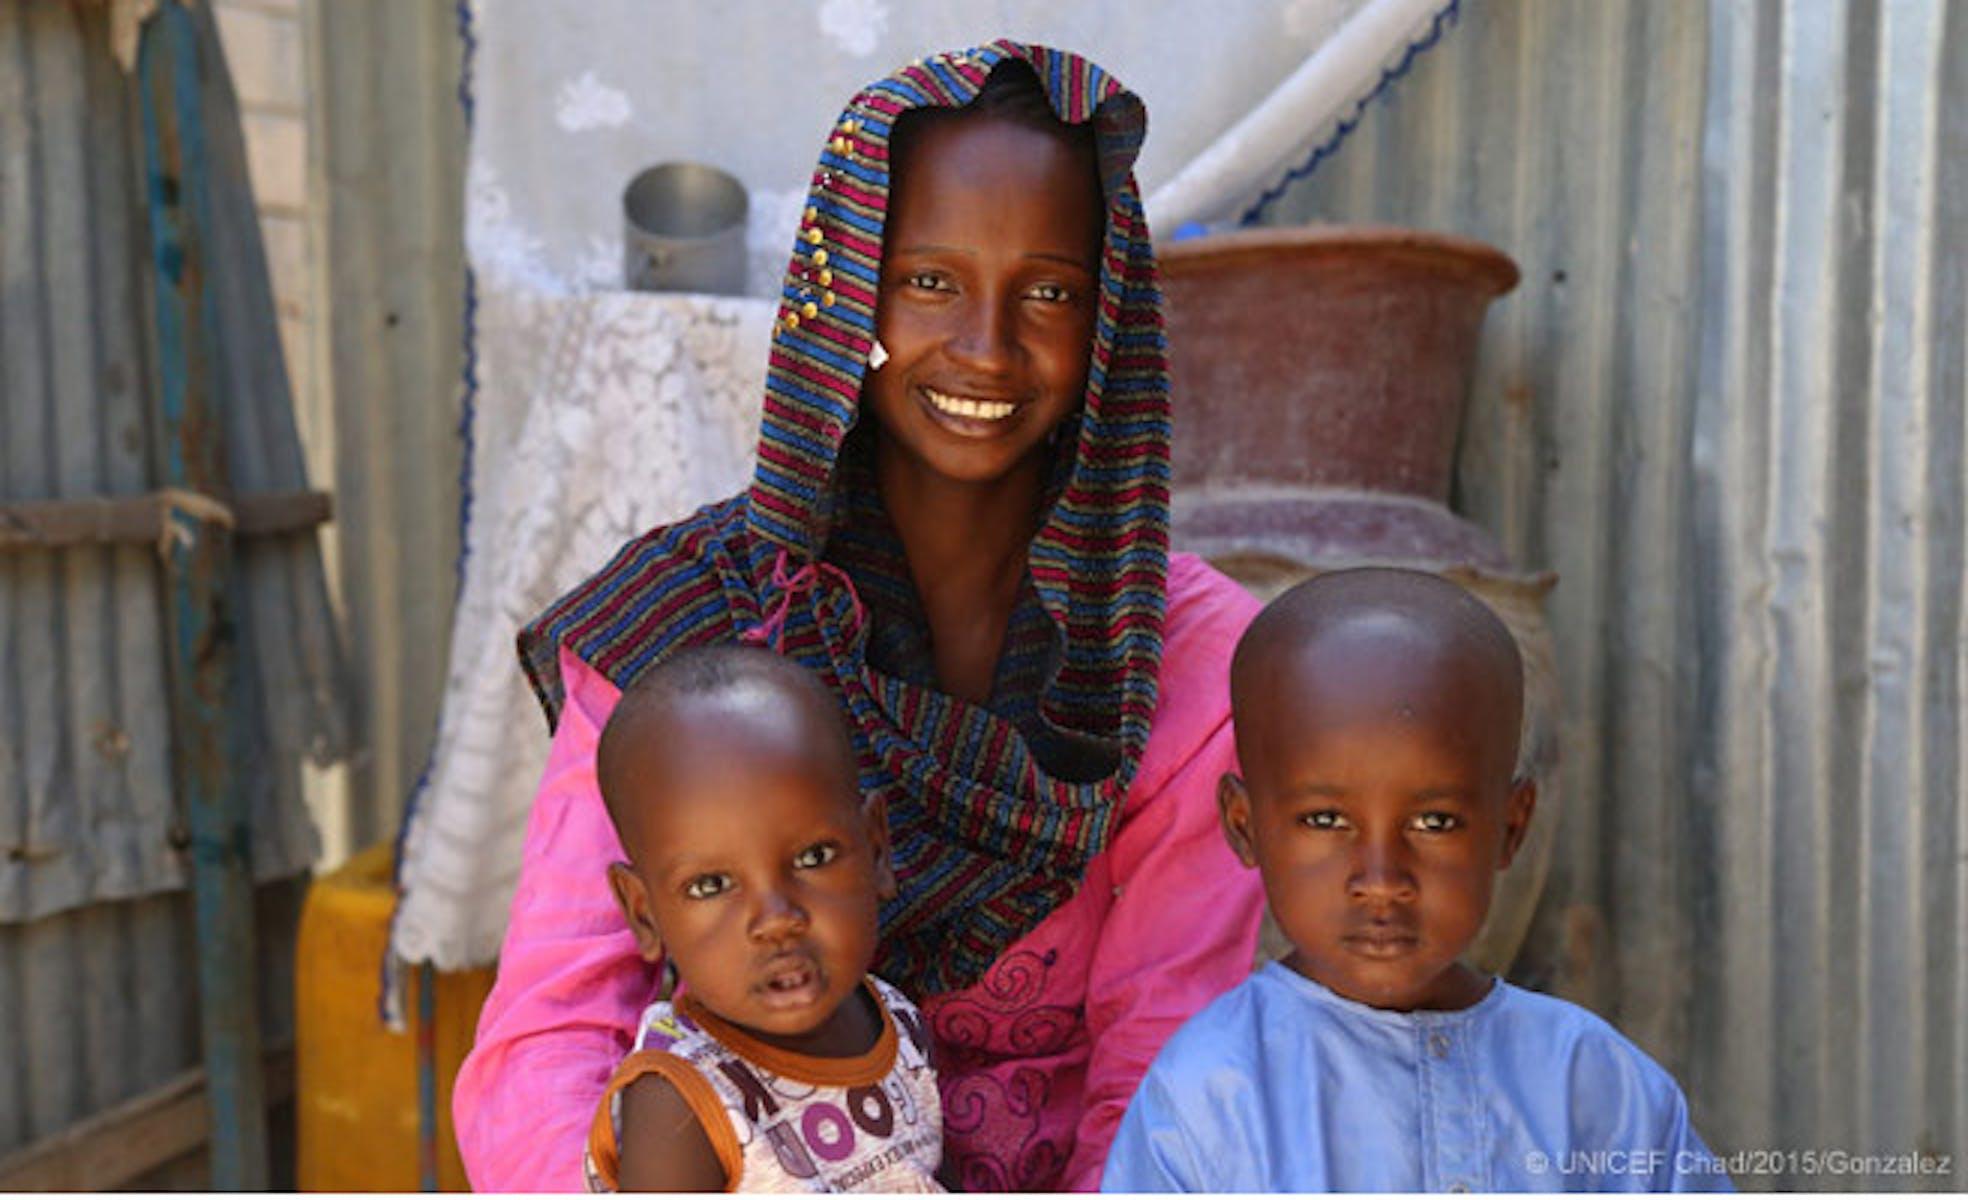 Amina Abdelrahman, 15 anni, con i suoi due figli Mustapha (3 anni) e Haroun (12 mesi). A 12 anni Amina ha dovuto abbandonare la scuola per sposarsi - ©UNICEF Ciad/2015/Gonzalez